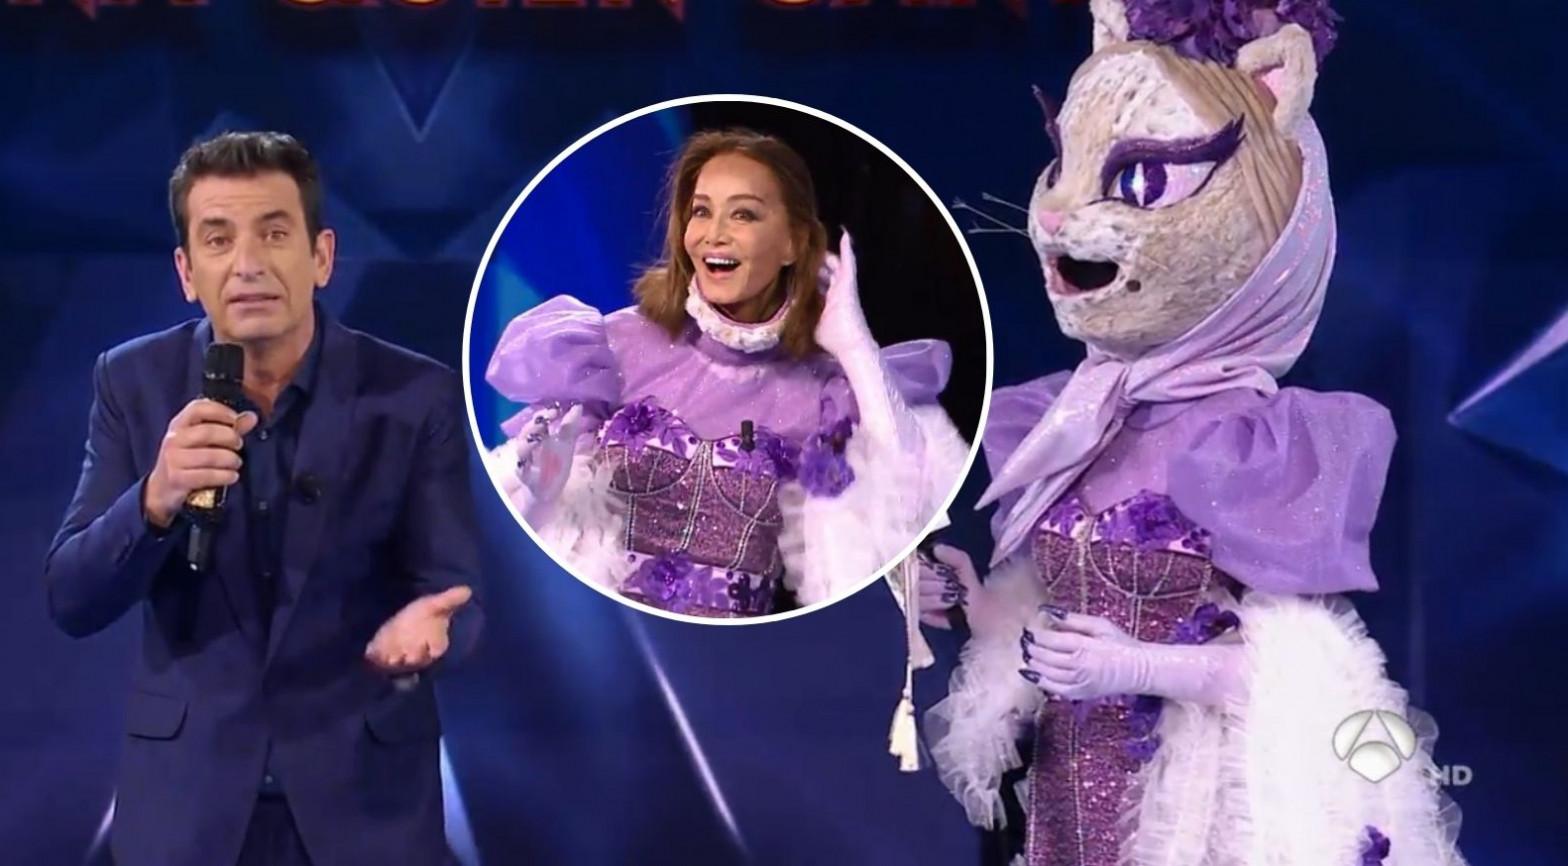 Isabel Preysler estaba bajo la máscara de Gatita en Mask Singer